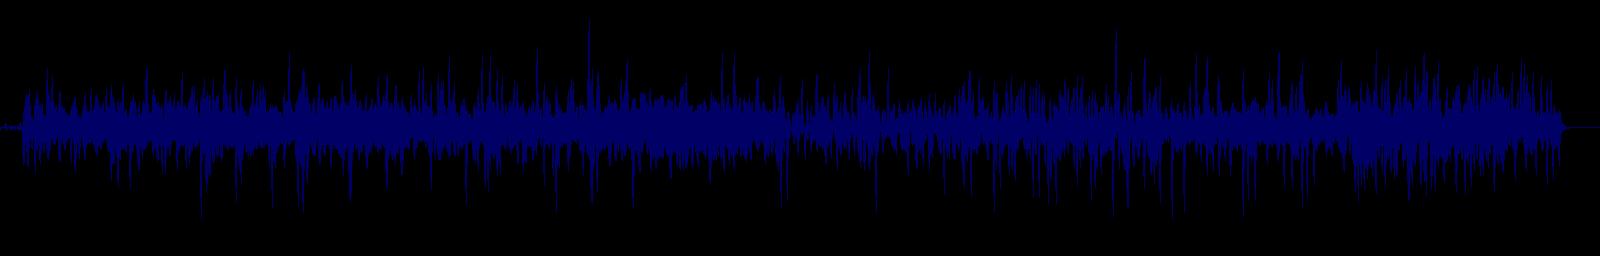 waveform of track #160007